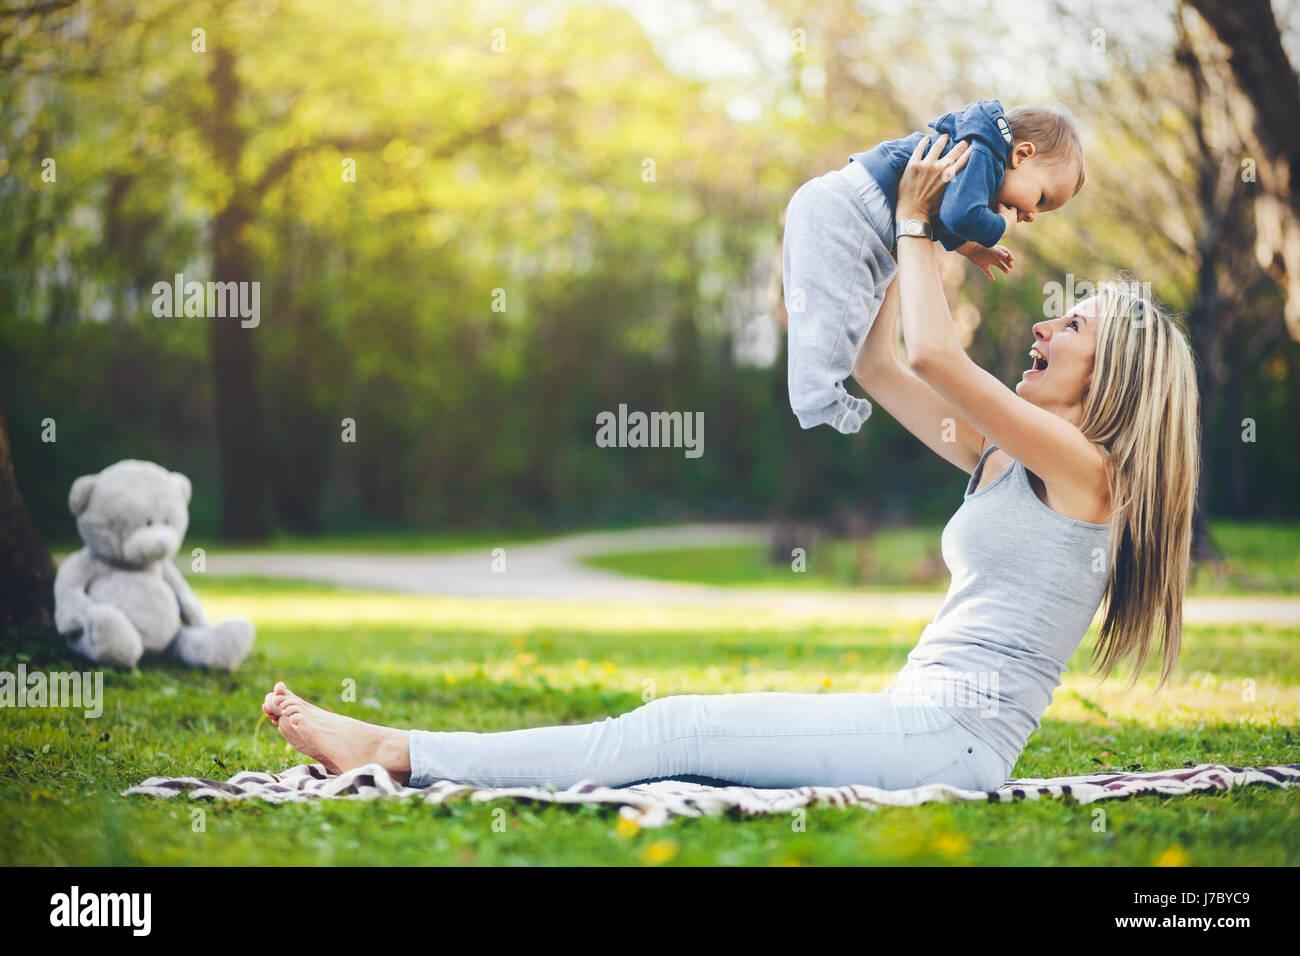 Erfreut Mutter mit ihrem einjährigen Sohn im Freien in einem park Stockbild